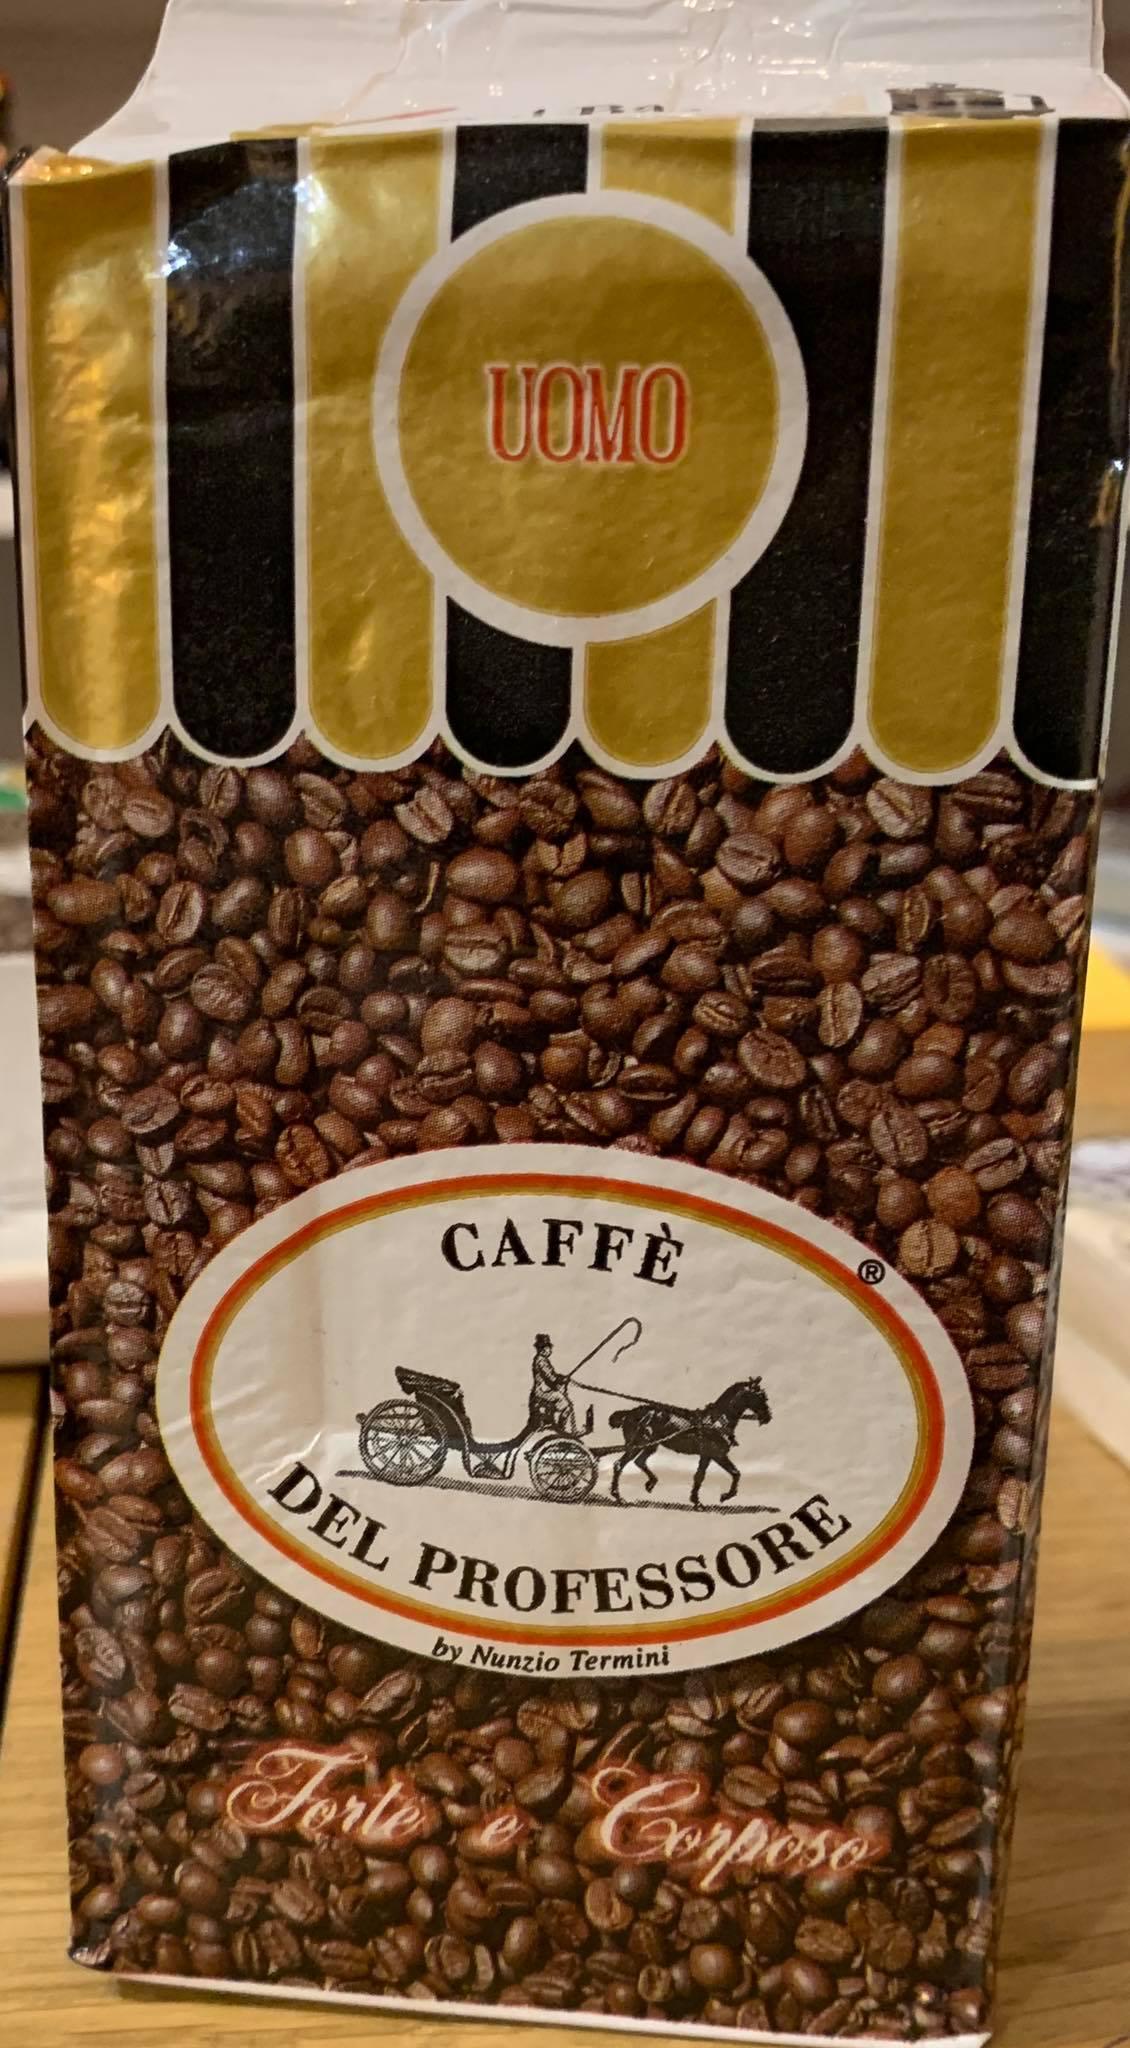 250 GR MACINATO CAFFE' DEL PROFESSORE UOMO